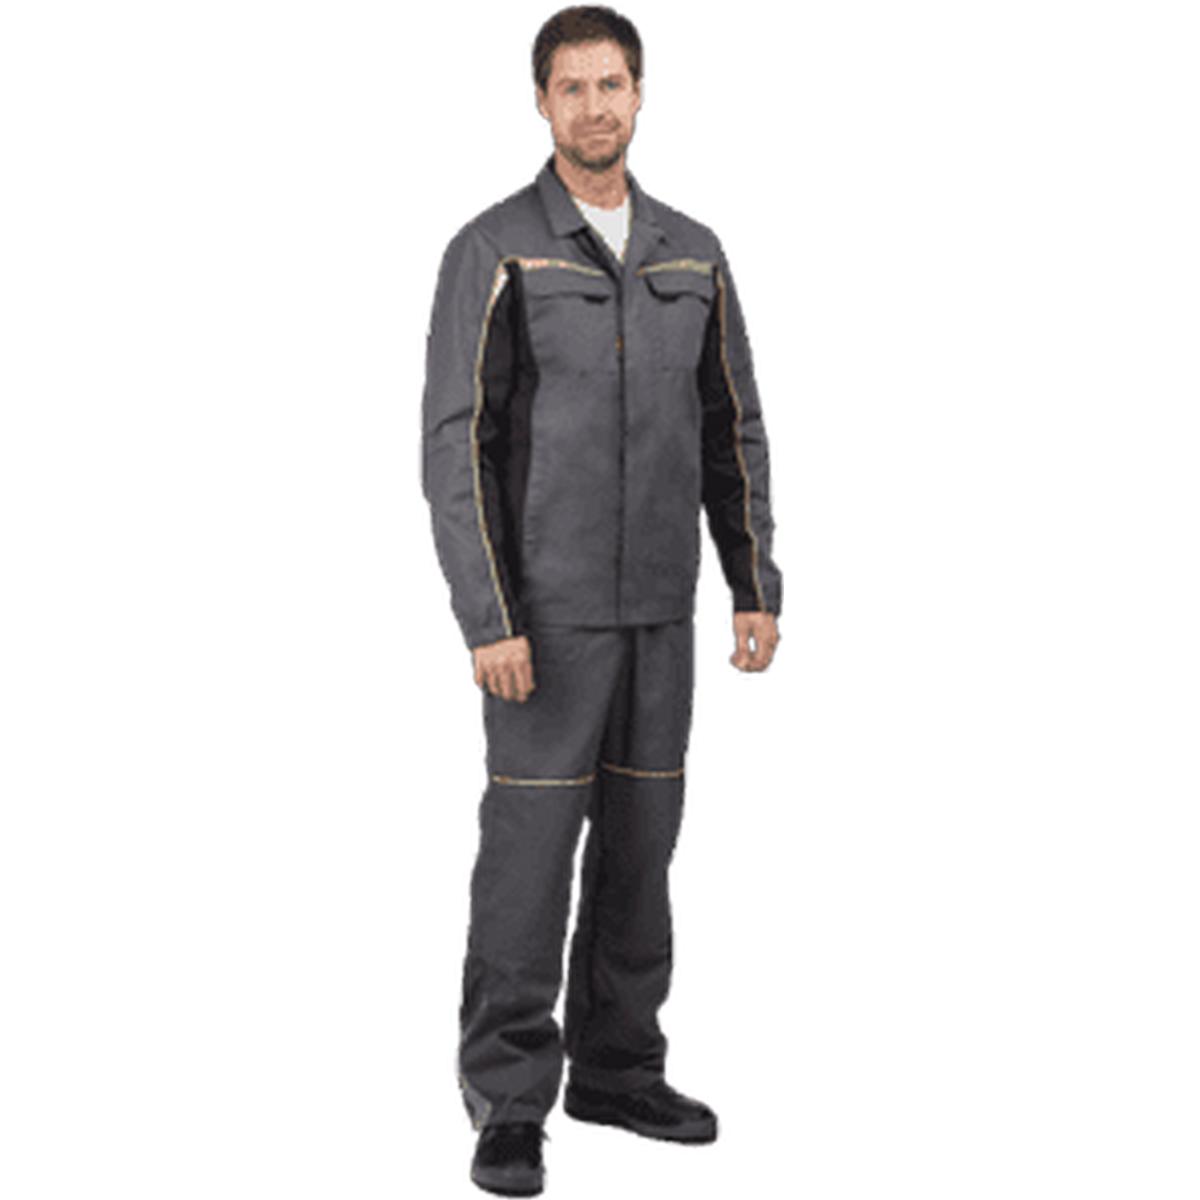 Костюм ФОРСАЖ серый-чёрный (куртка брюки) (разм. 104-108 рост 182-188)